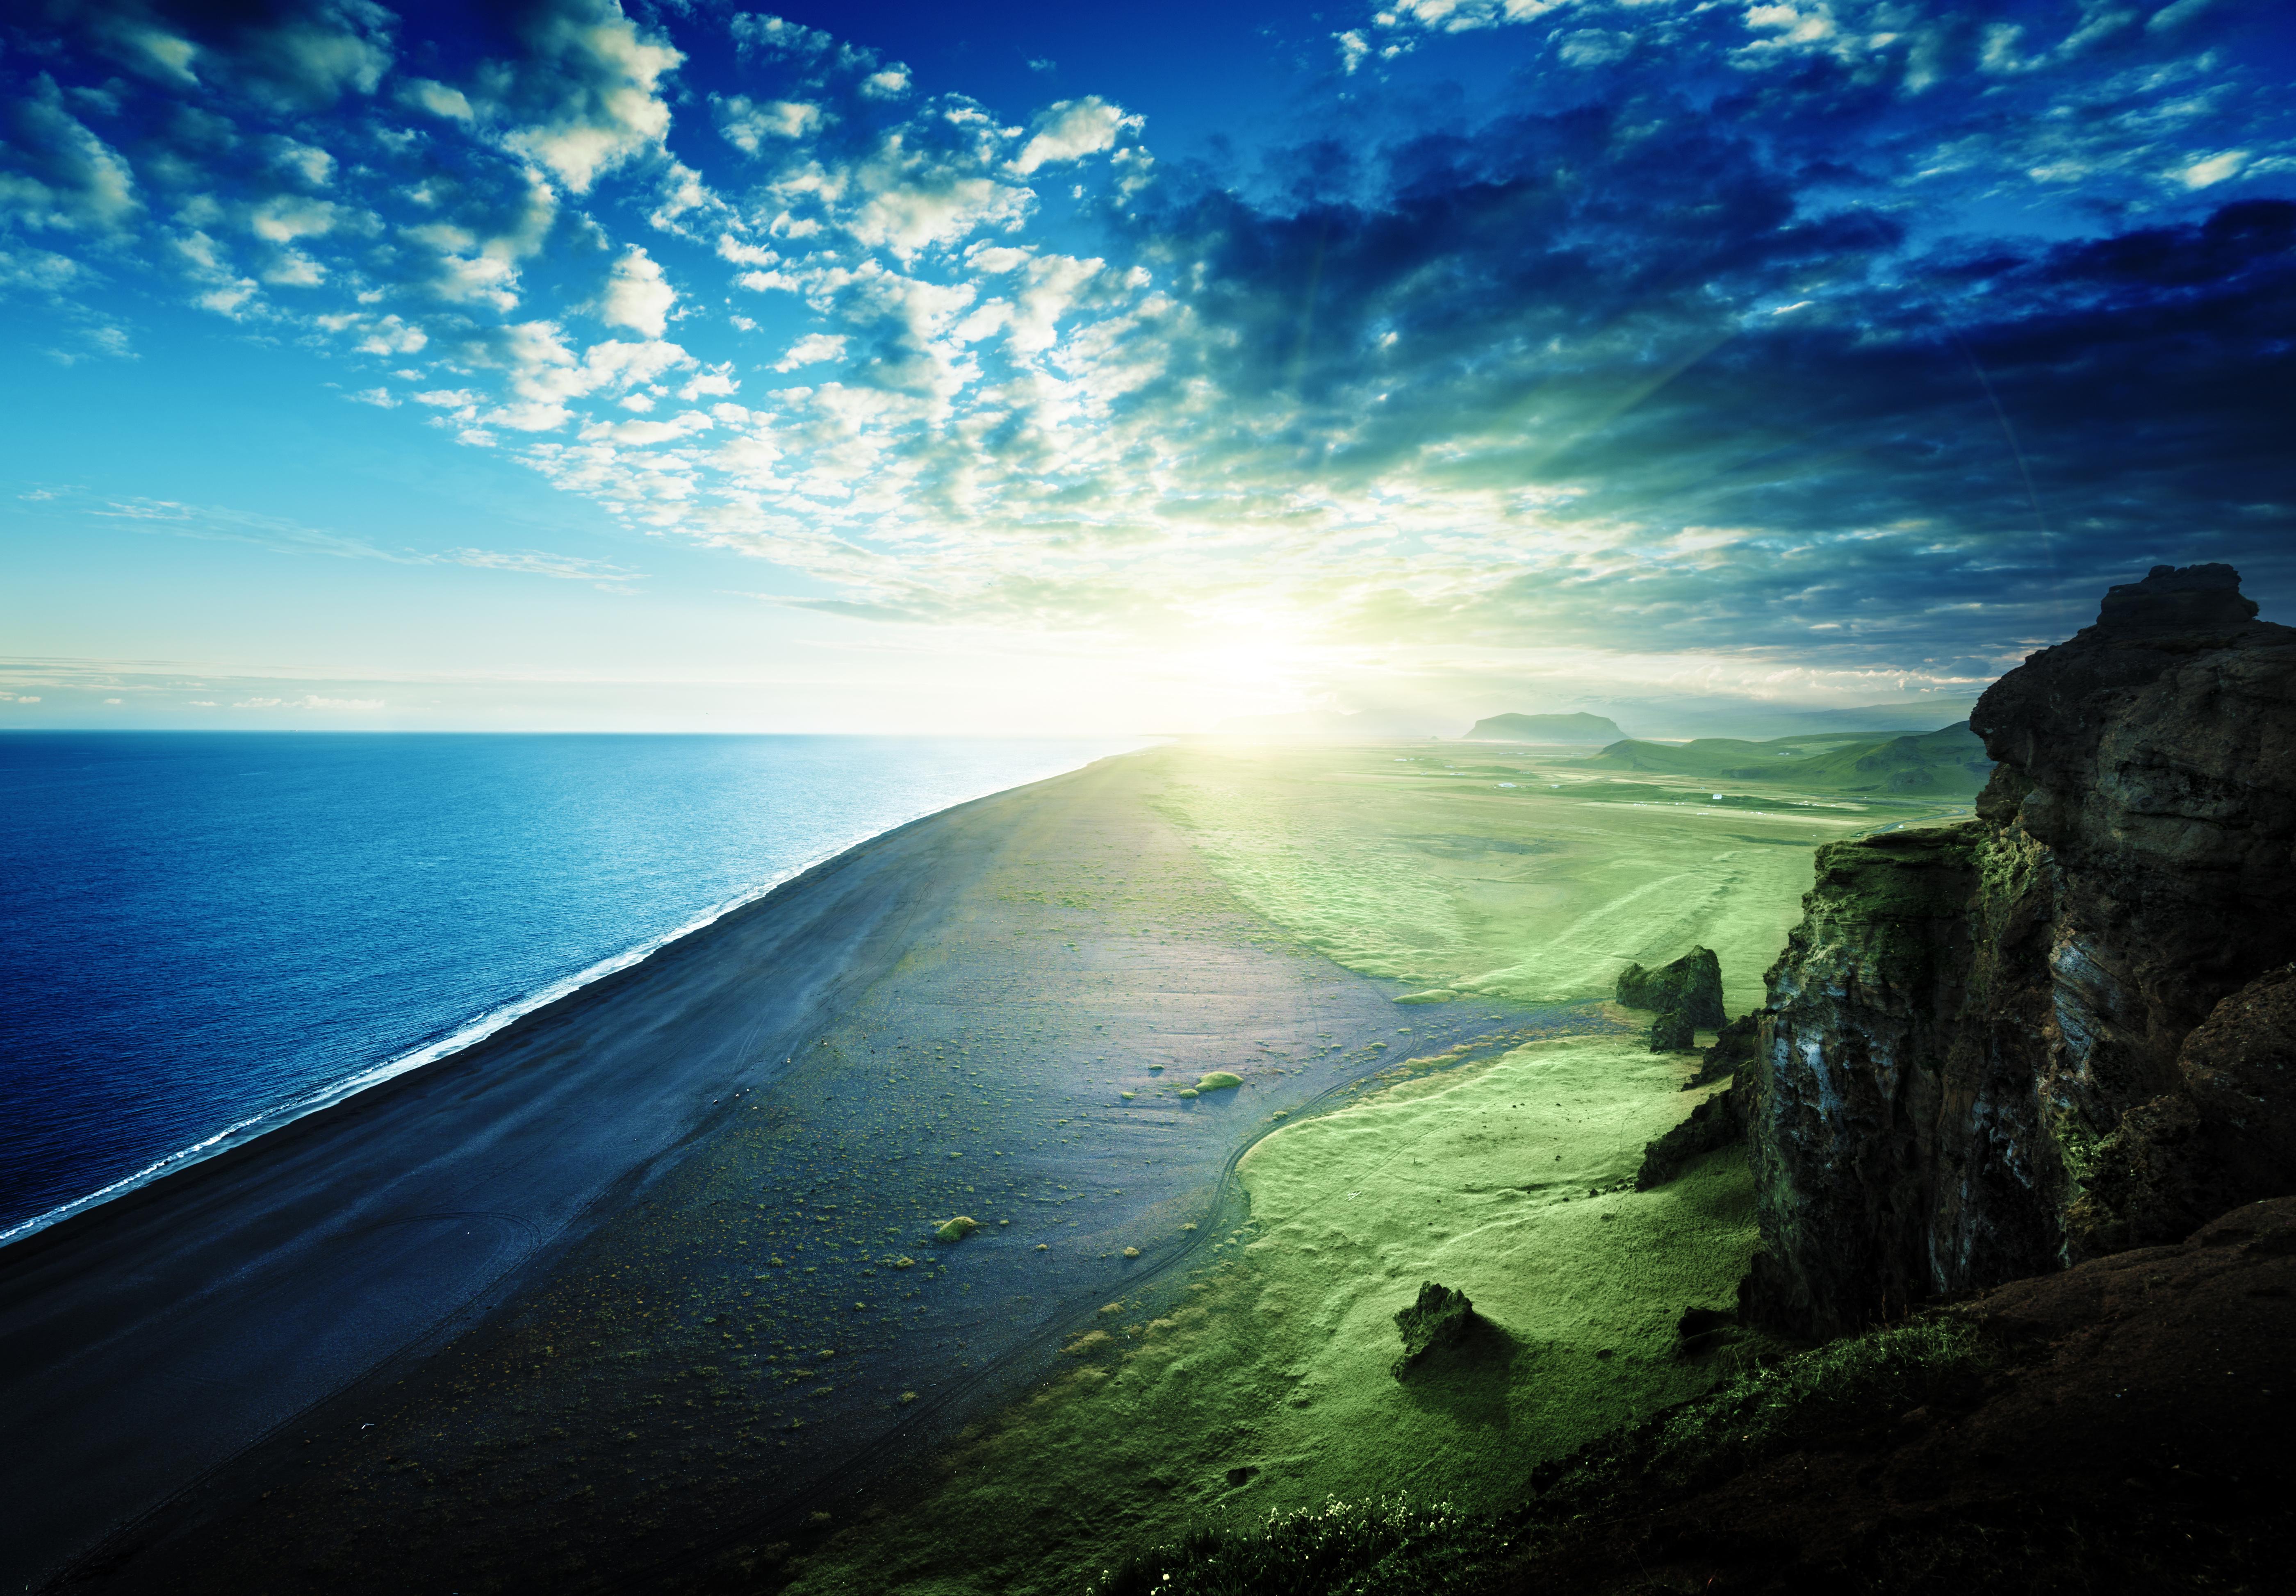 cette image de rocher pour illustrer la beauté, l'art ... la poésie